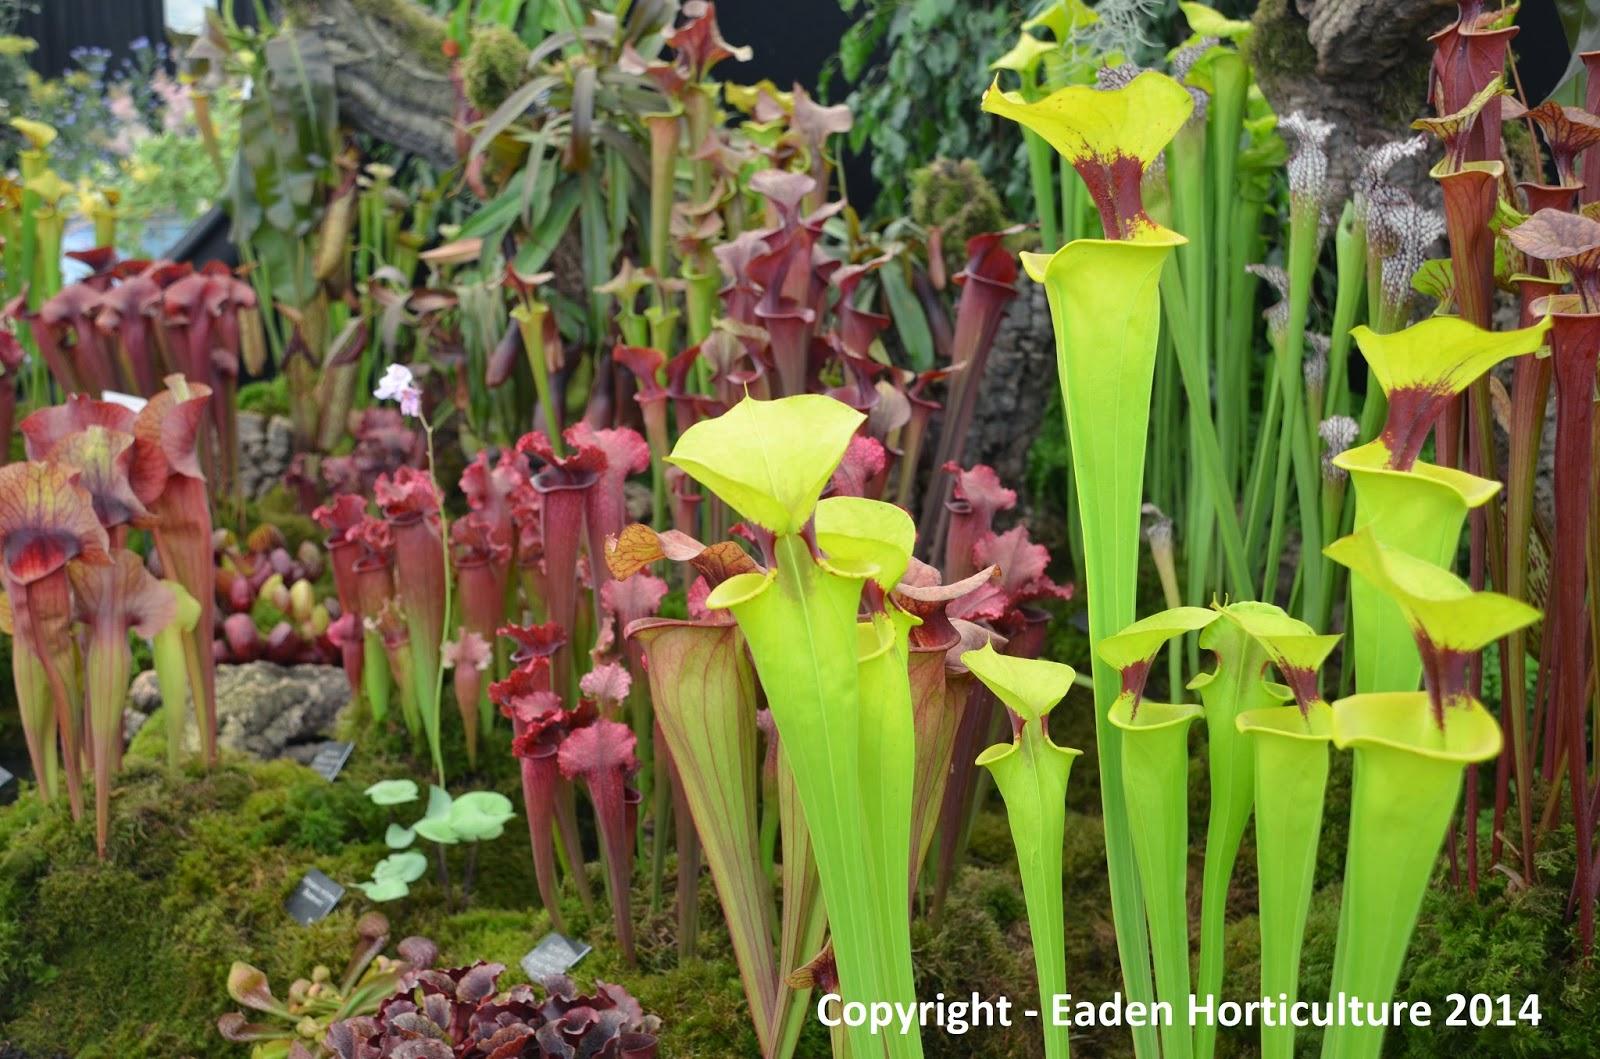 Carnivorous plants pitcher plant - photo#26